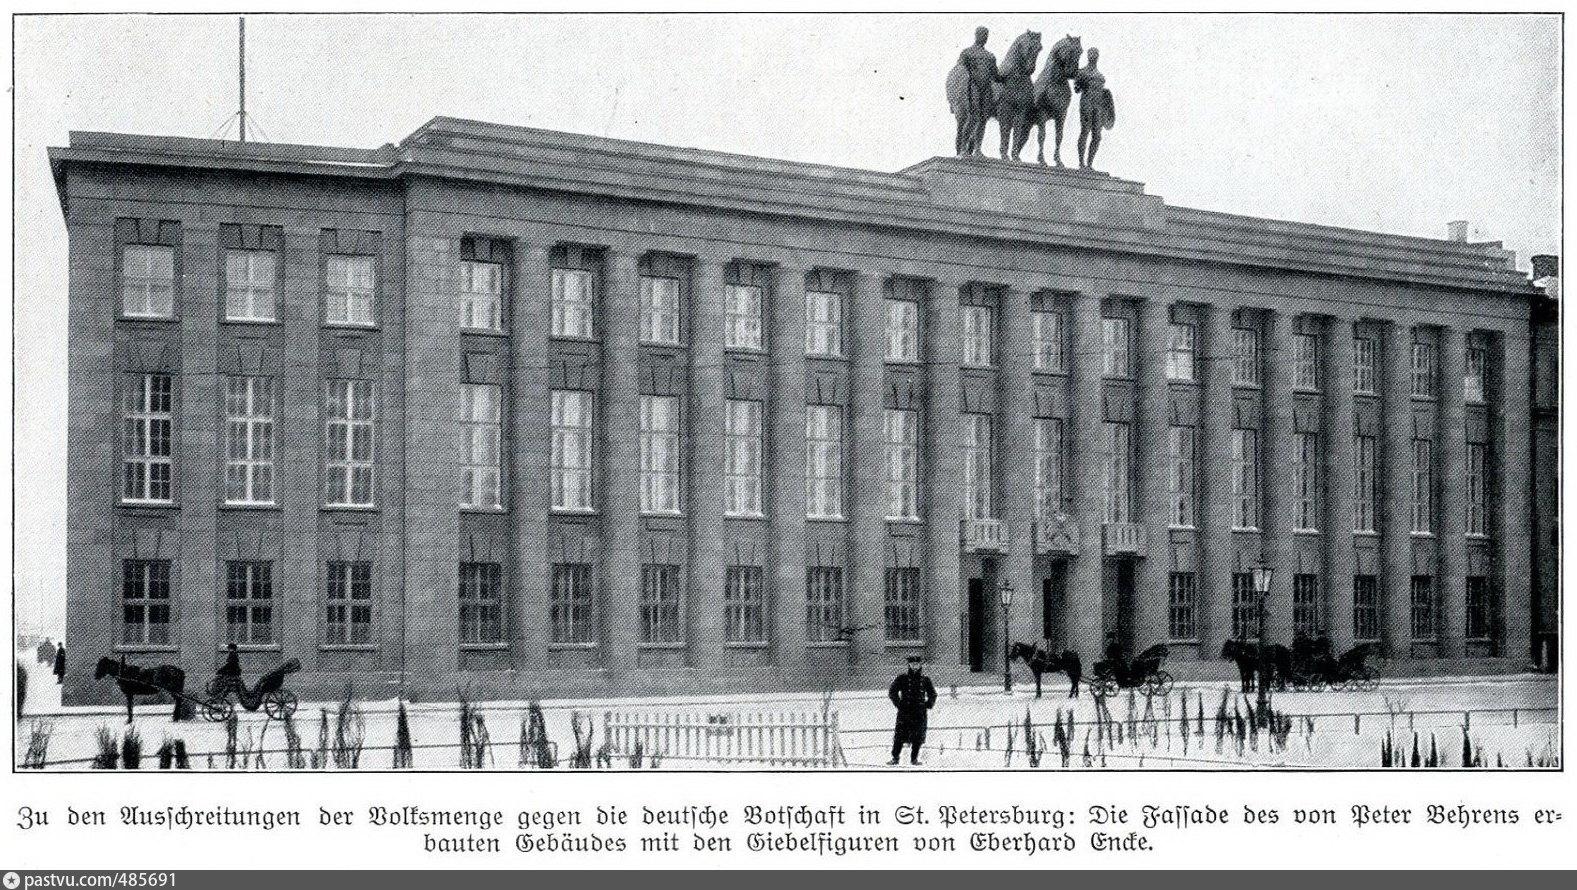 картинка немецкого посольства коллективом, детьми само